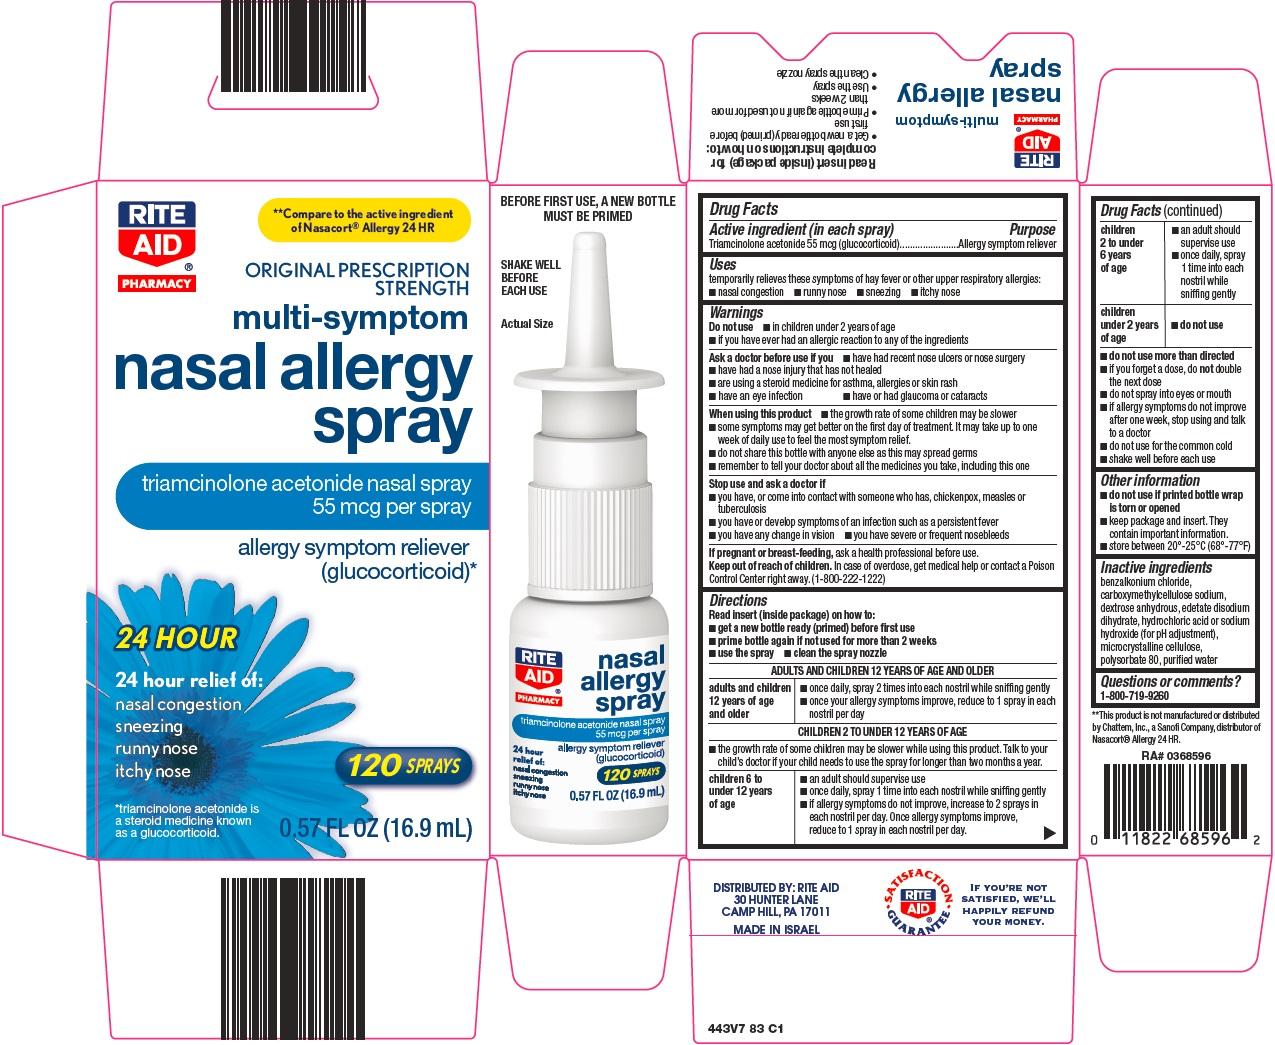 44383-nasal-allergy-image1.jpg